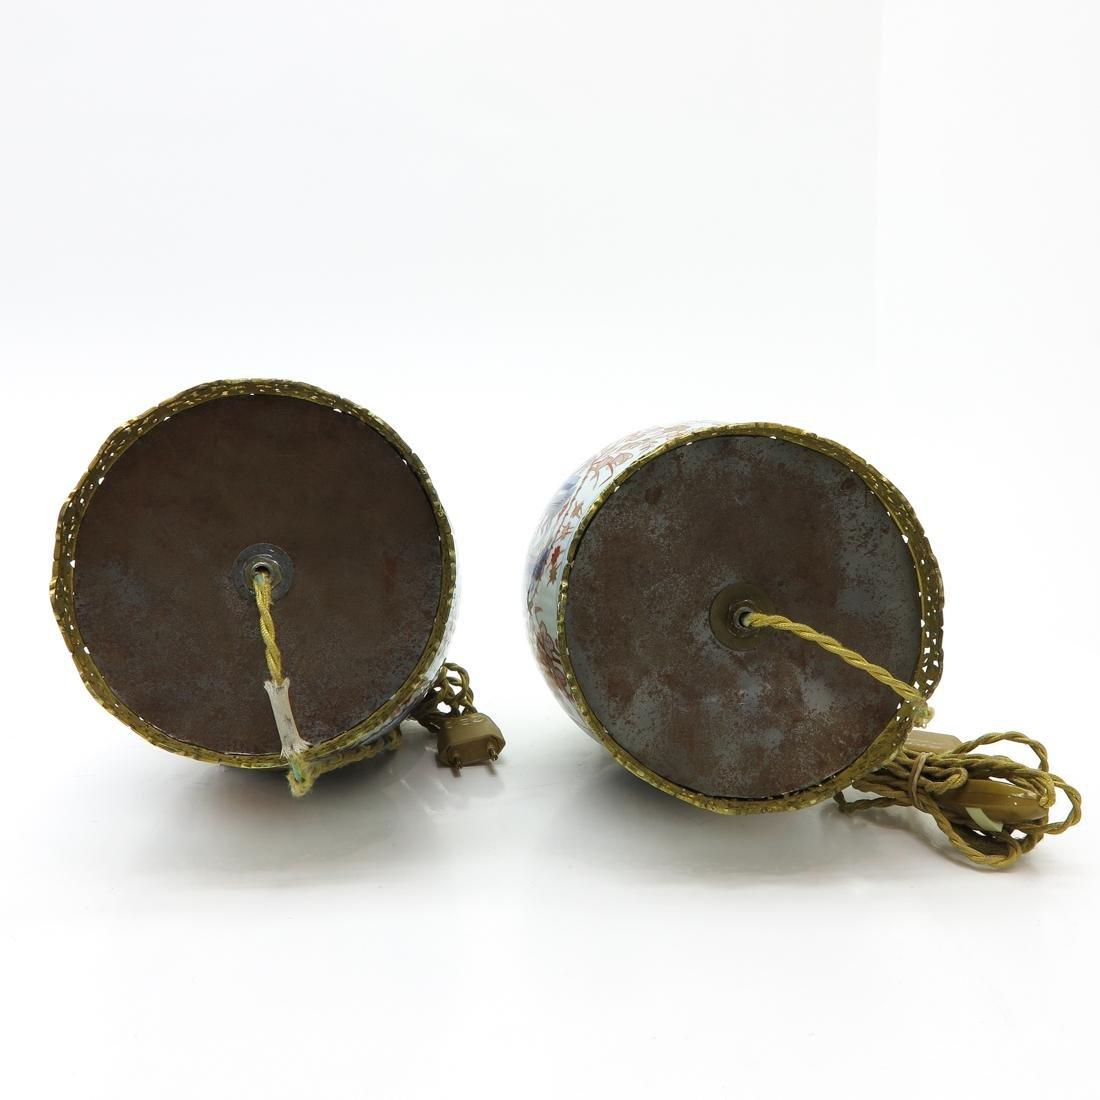 Pair of Imari Lamps - 6